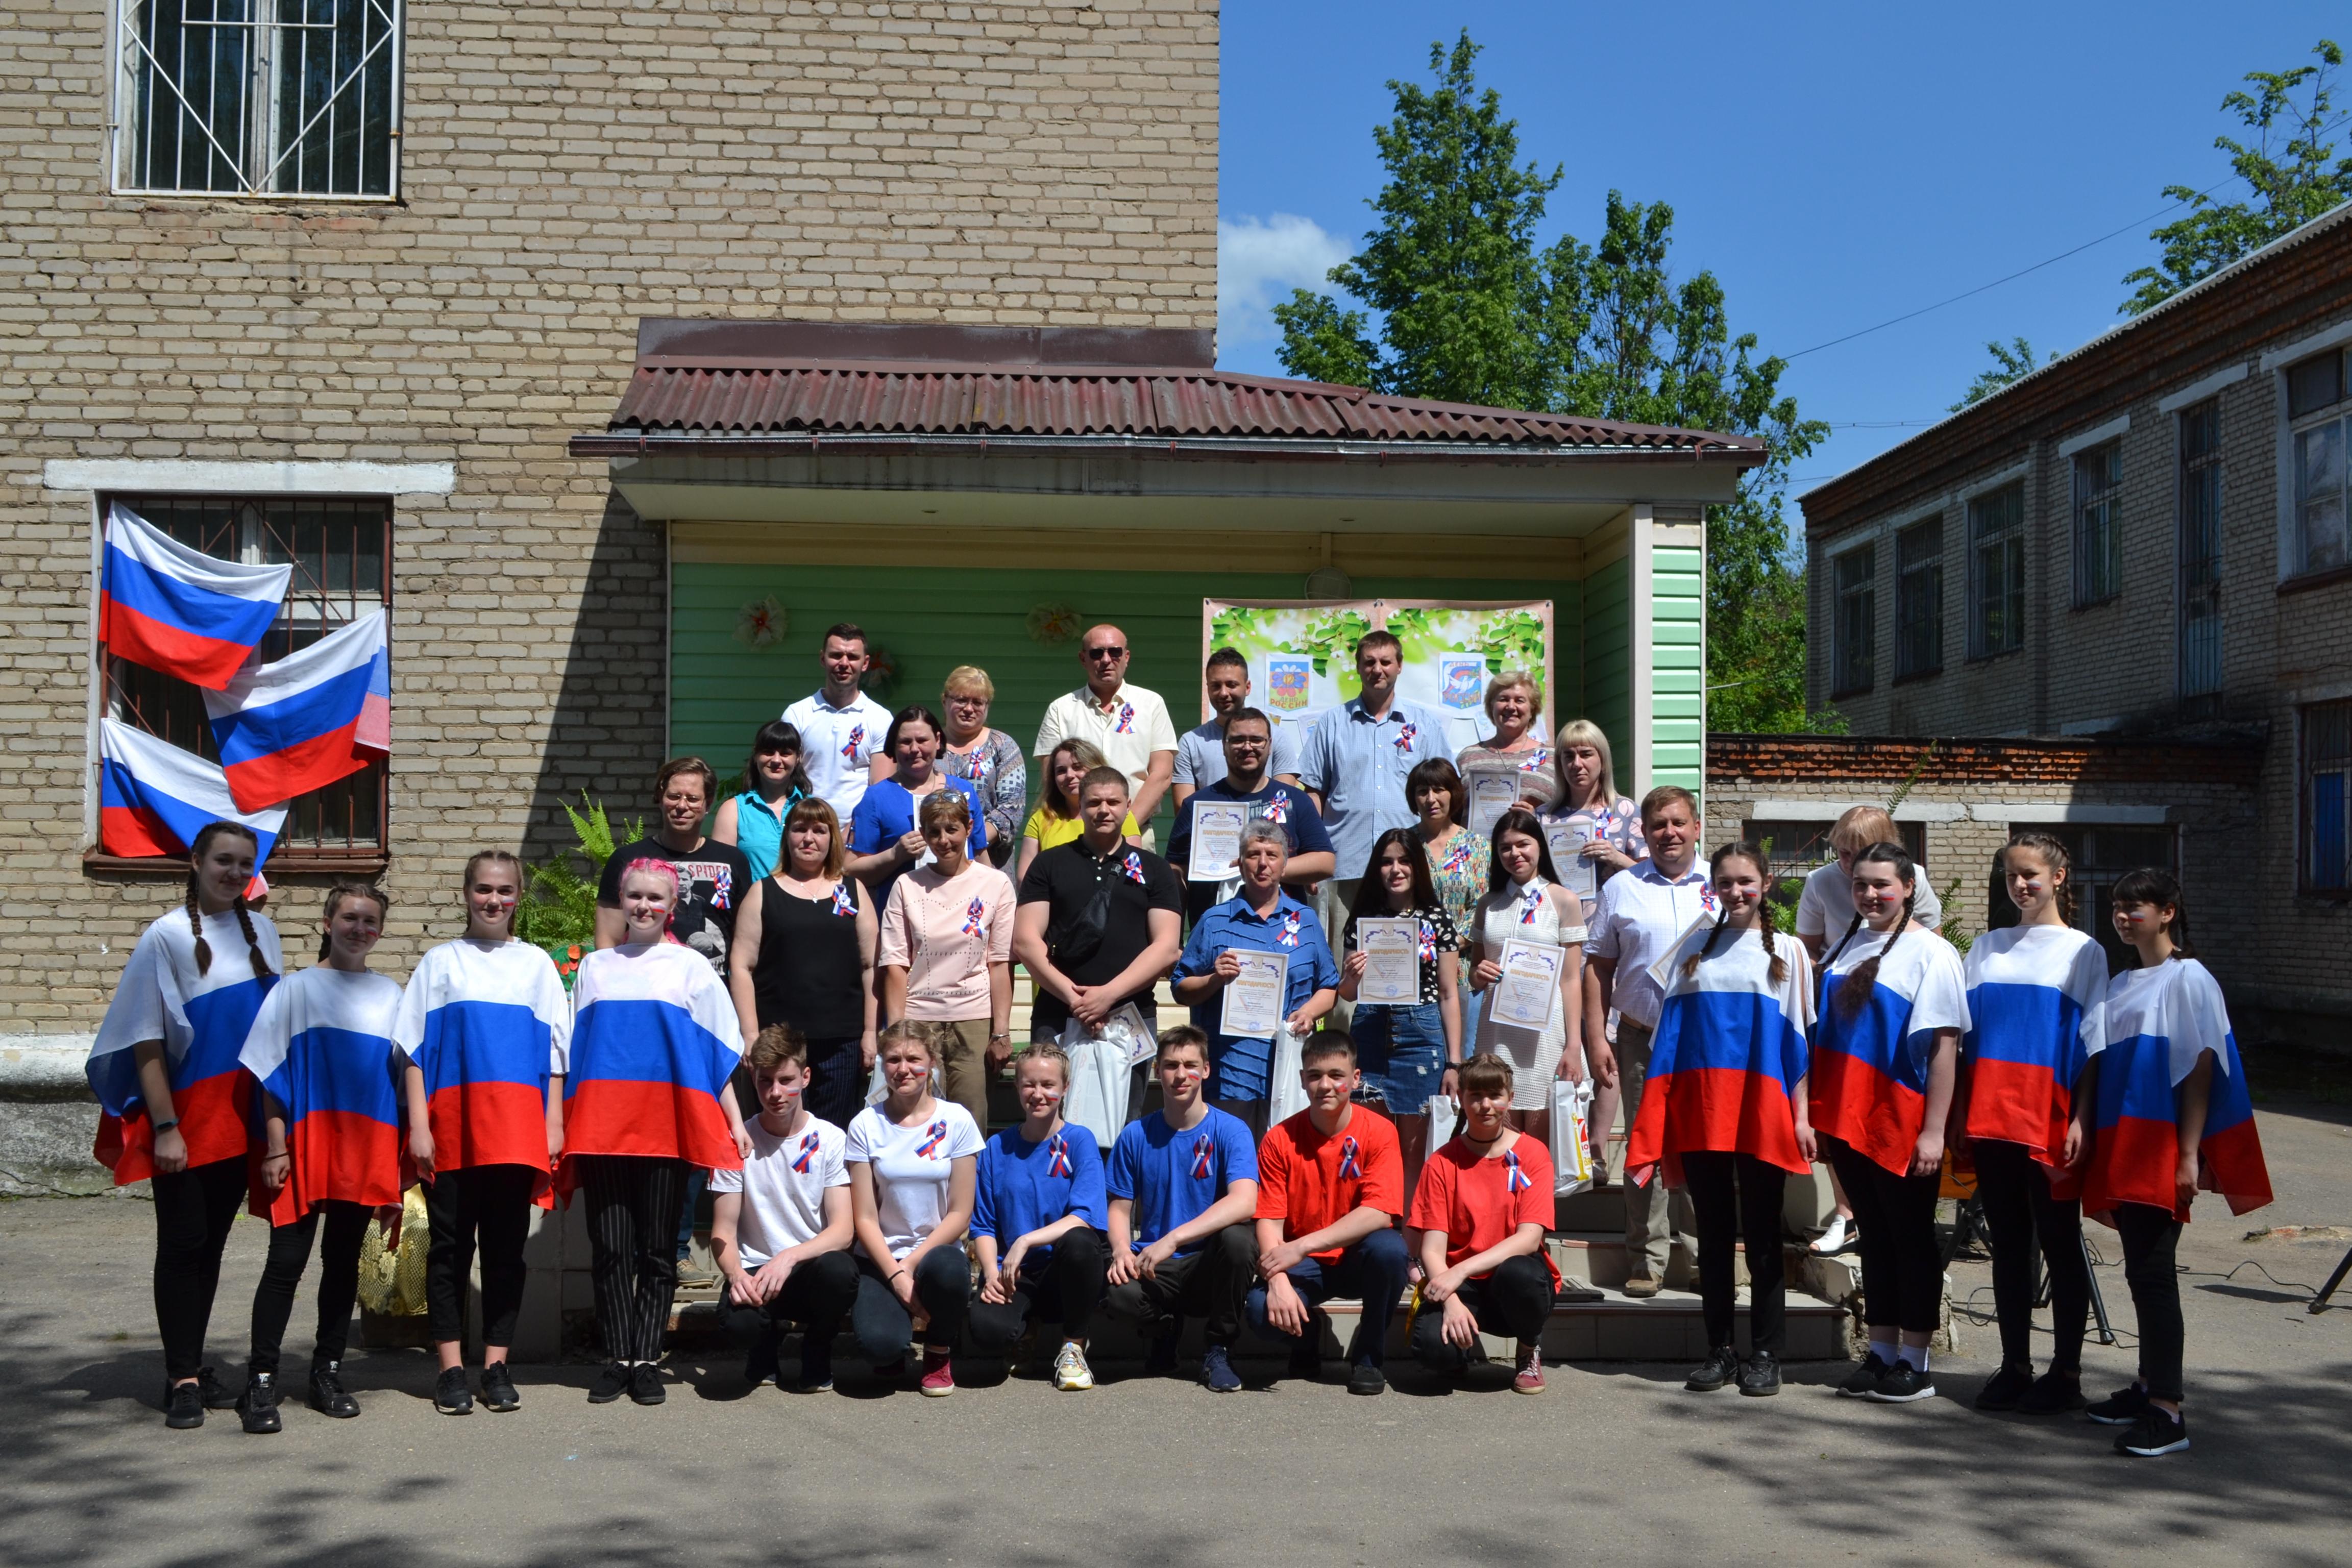 О результатах совместной деятельности  Вяземского районного Совета депутатов и Муниципального волонтерского штаба Вяземского района по итогам 2020 года.